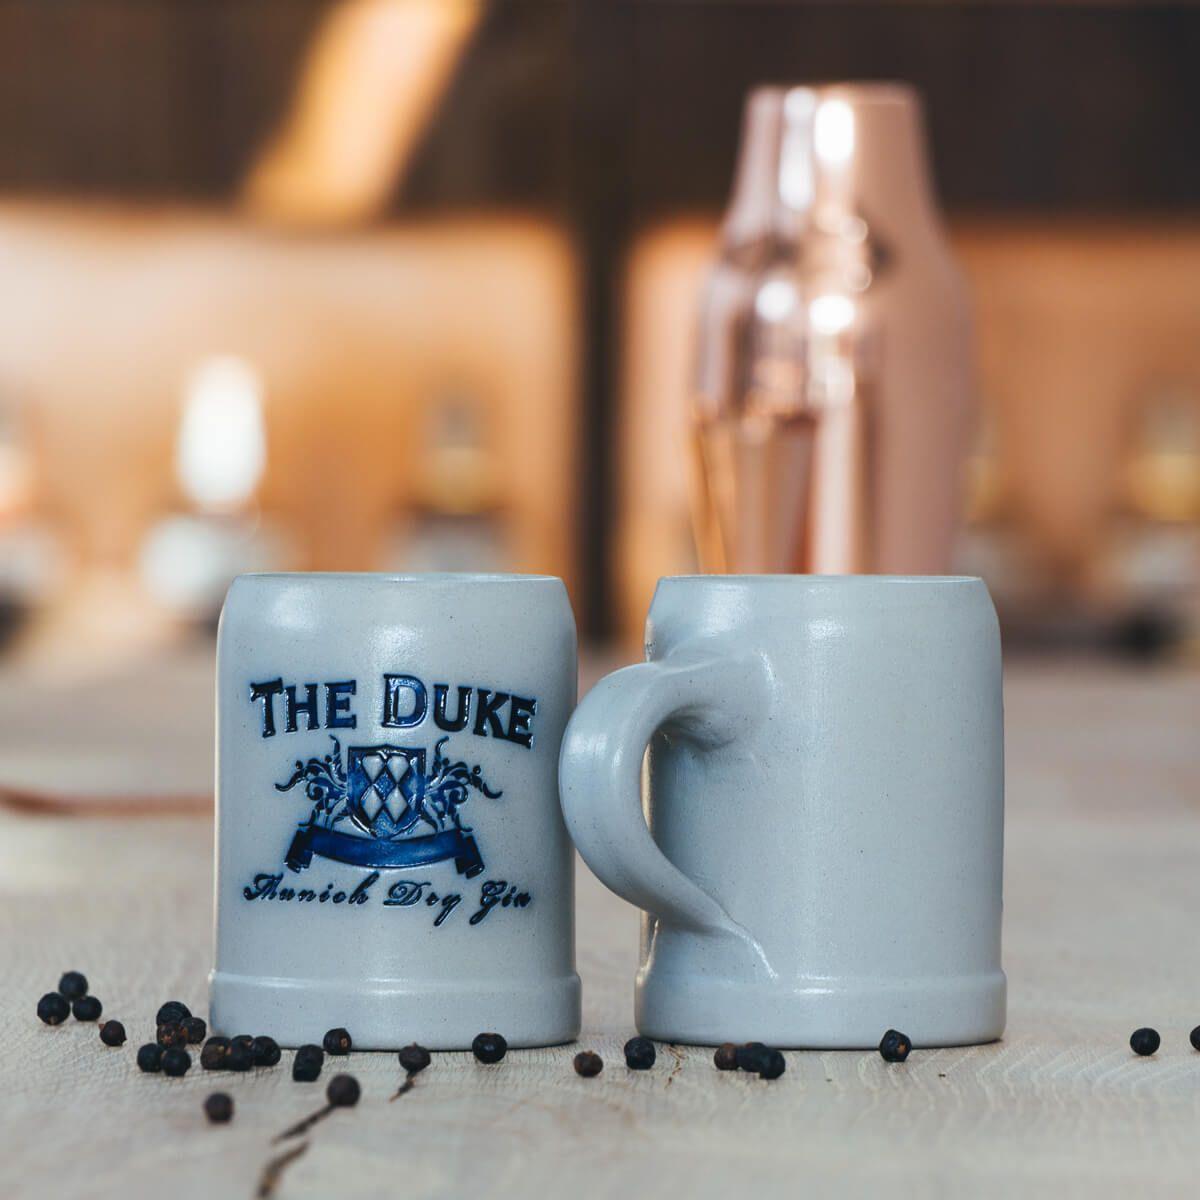 THE DUKE Munich Dry Gin handgefertigte Steinkrüge